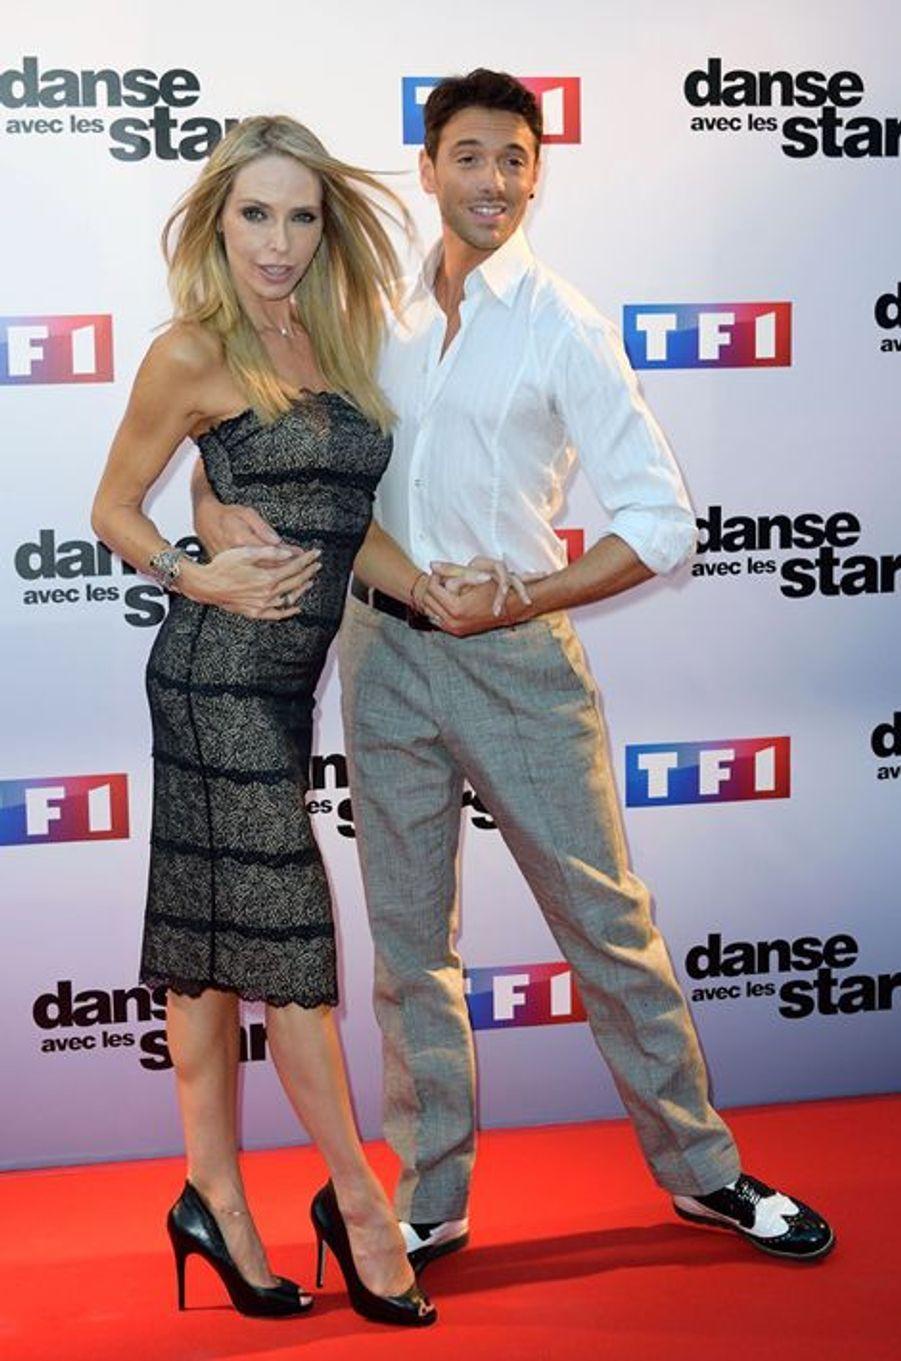 Danse avec les stars 5 : l'actrice Tonya Kinzinger et le danseur Maxime Dereymez